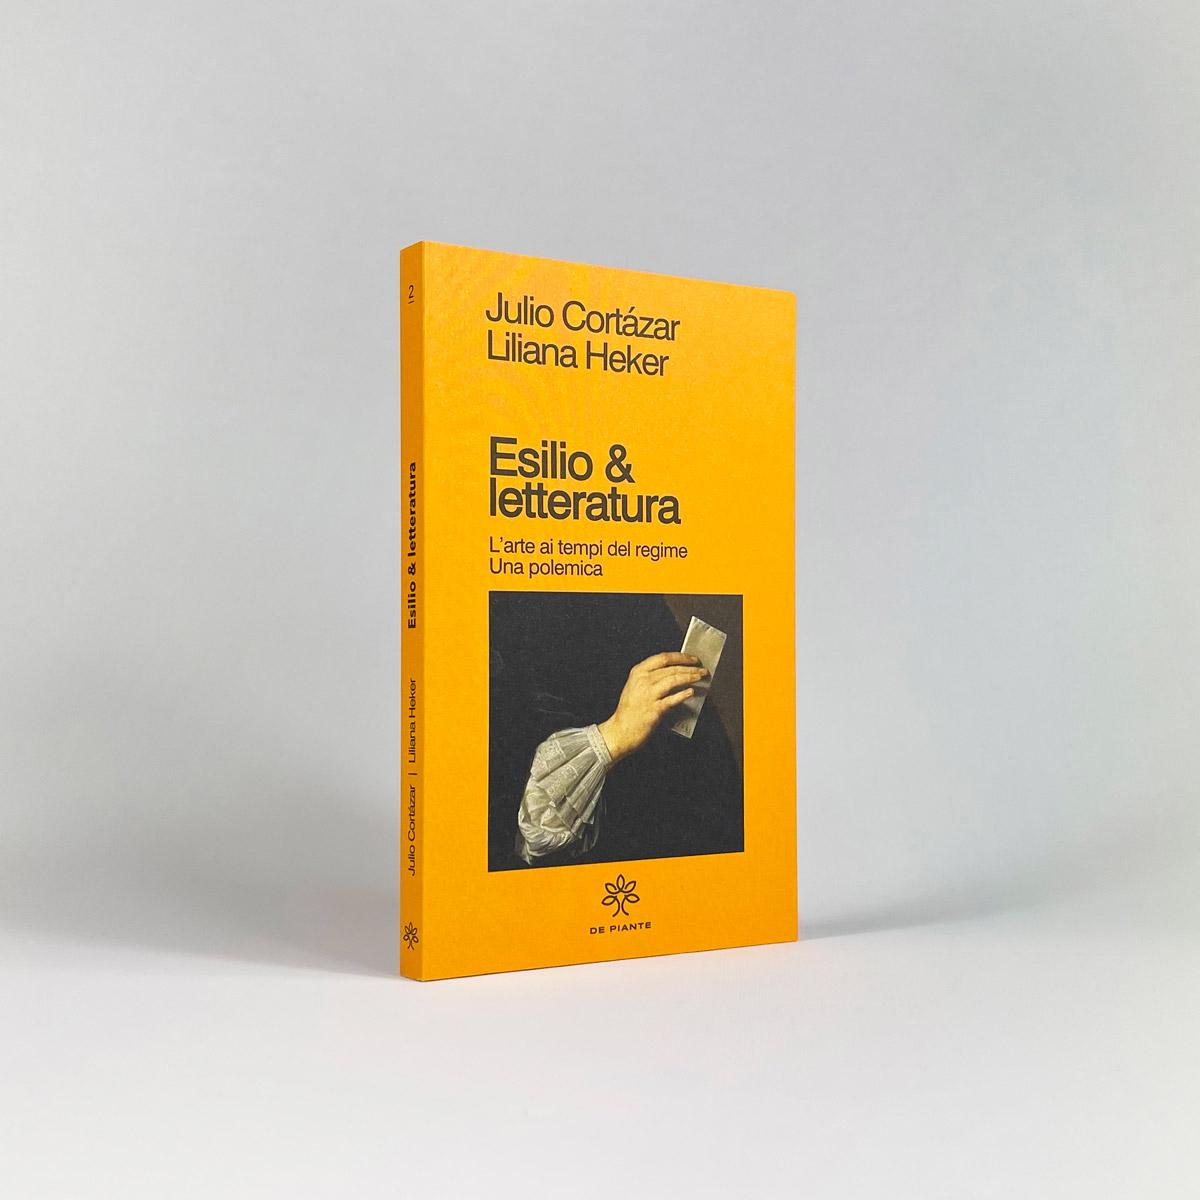 Julio Cortázar - Esilio & letteratura